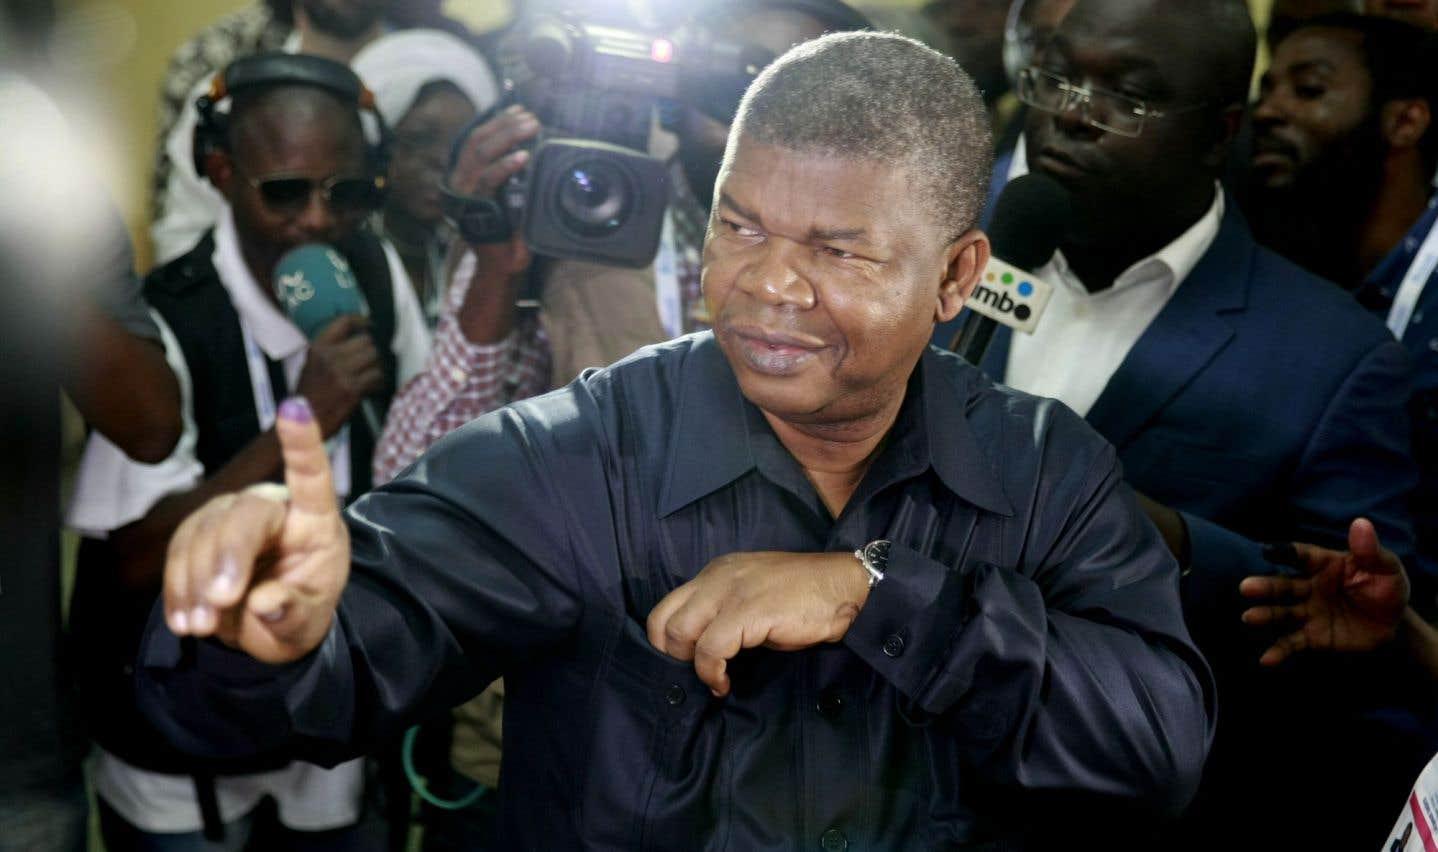 Le candidat du parti au pouvoir, Joao Lourenço (sur la photo), succédera à la présidence à José Eduardo dos Santos, sur le départ après 38 ans d'un règne sans partage.